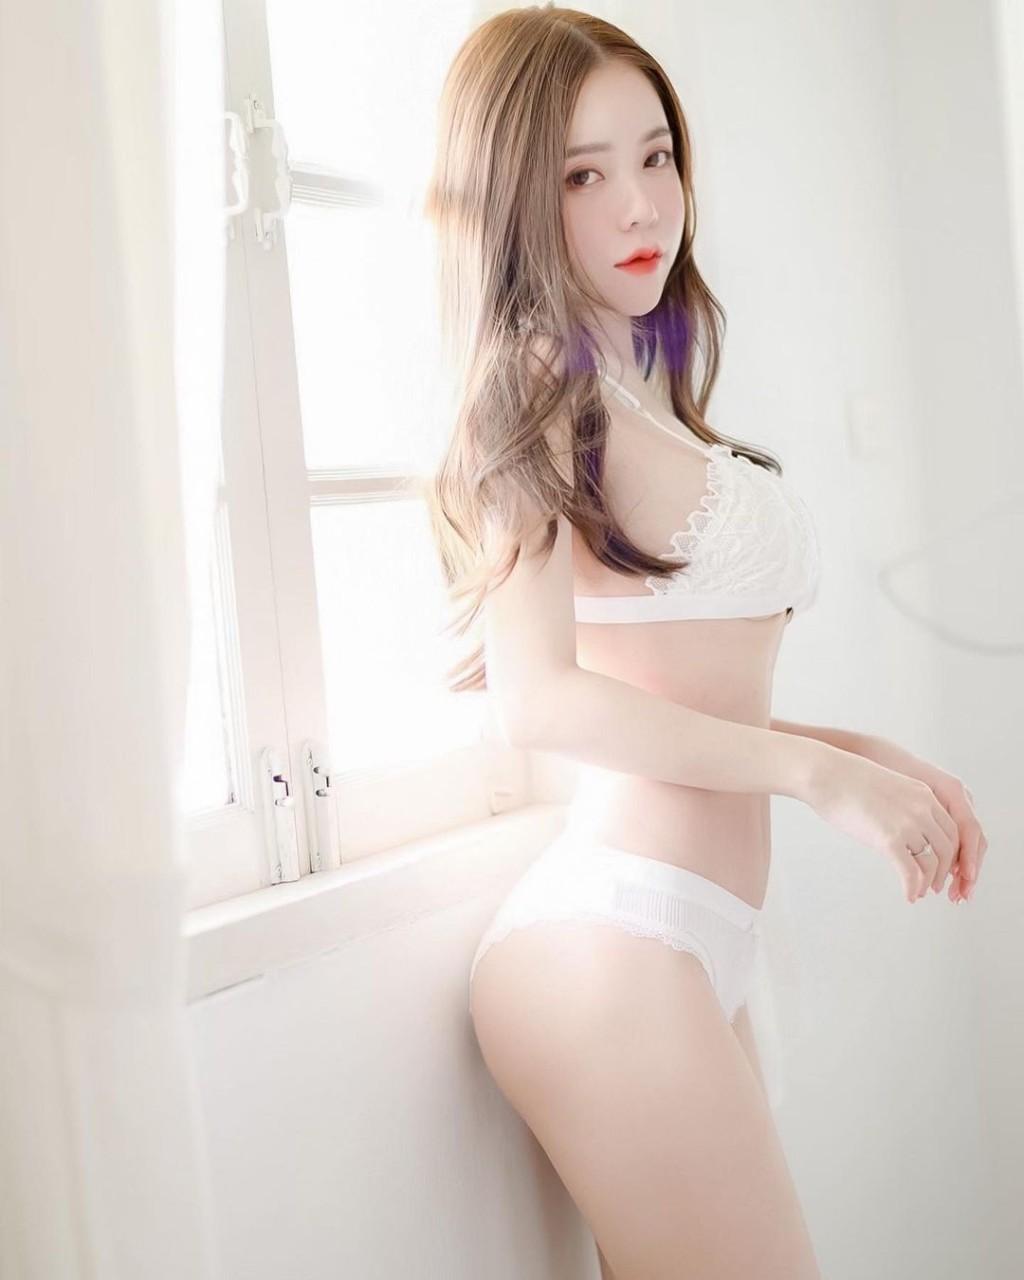 妹子图日刊 – 20210324插图25